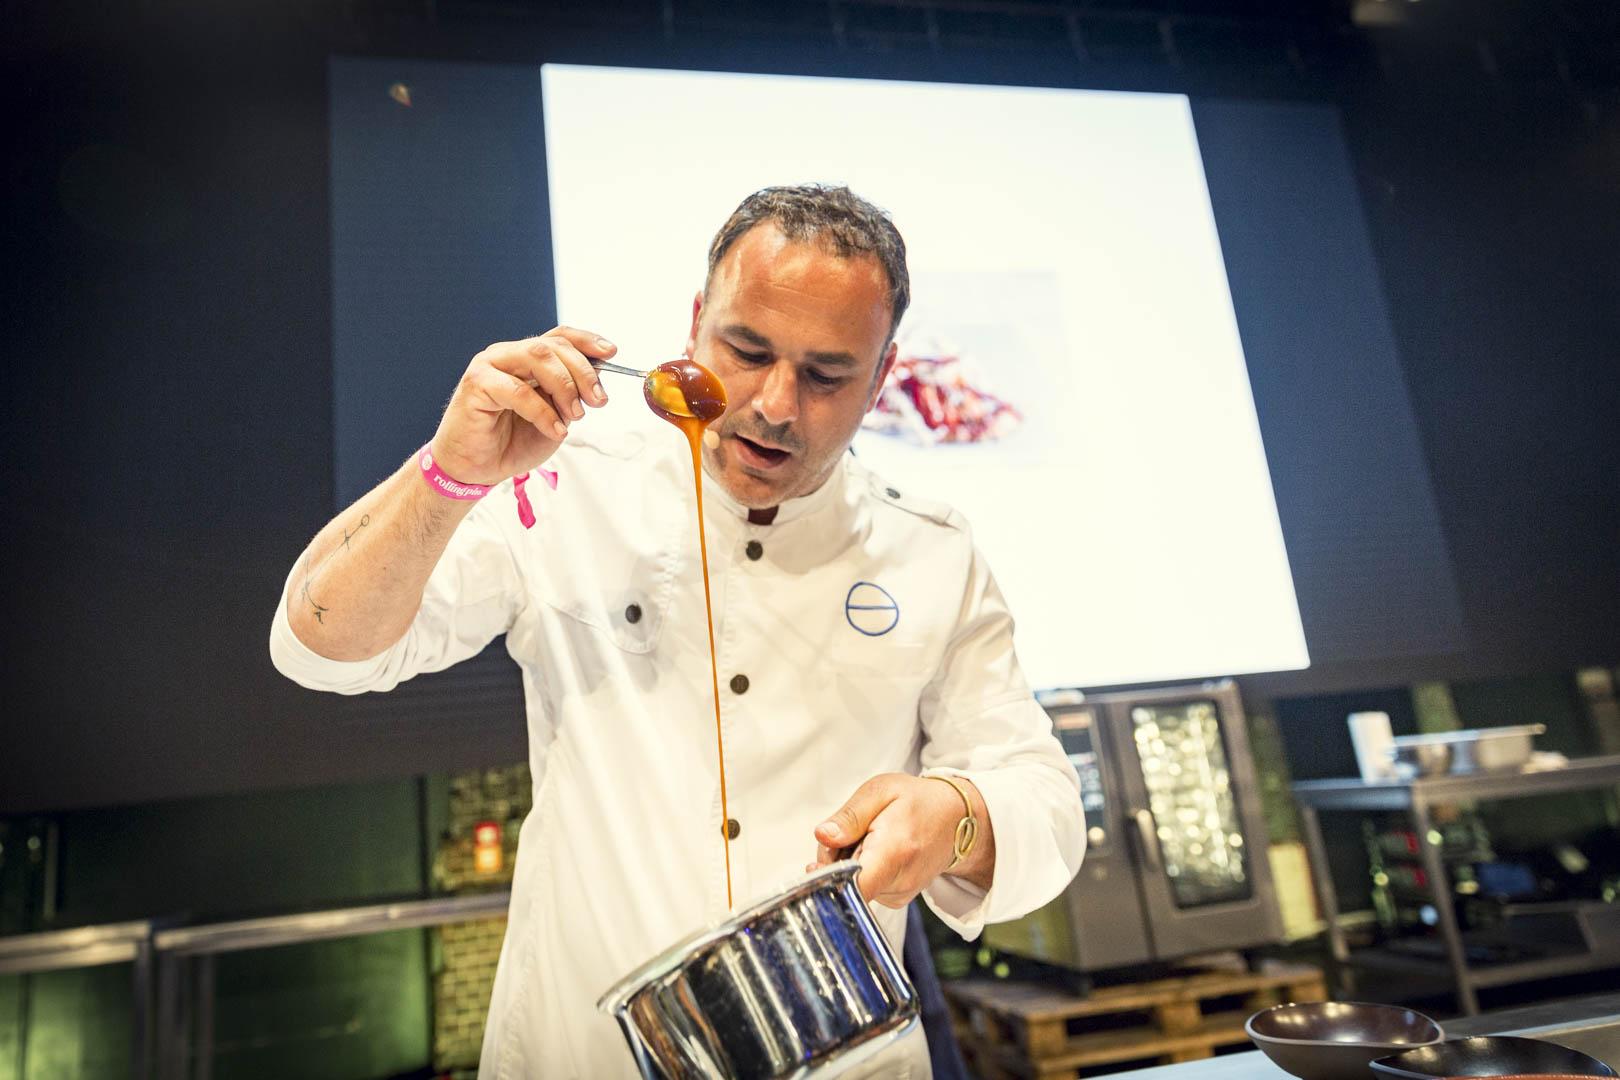 Chefdays Berlin 2019 Rabatt Bonus